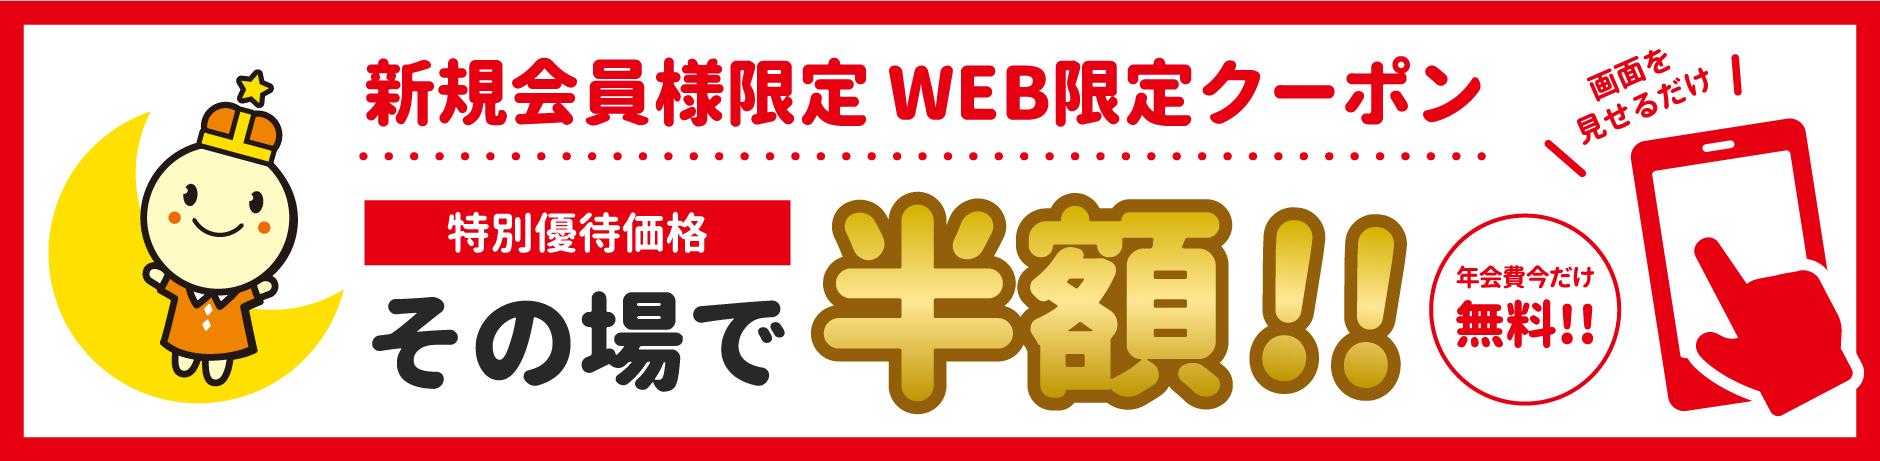 ライムクリーニング新規会員様限定 WEB限定クーポン